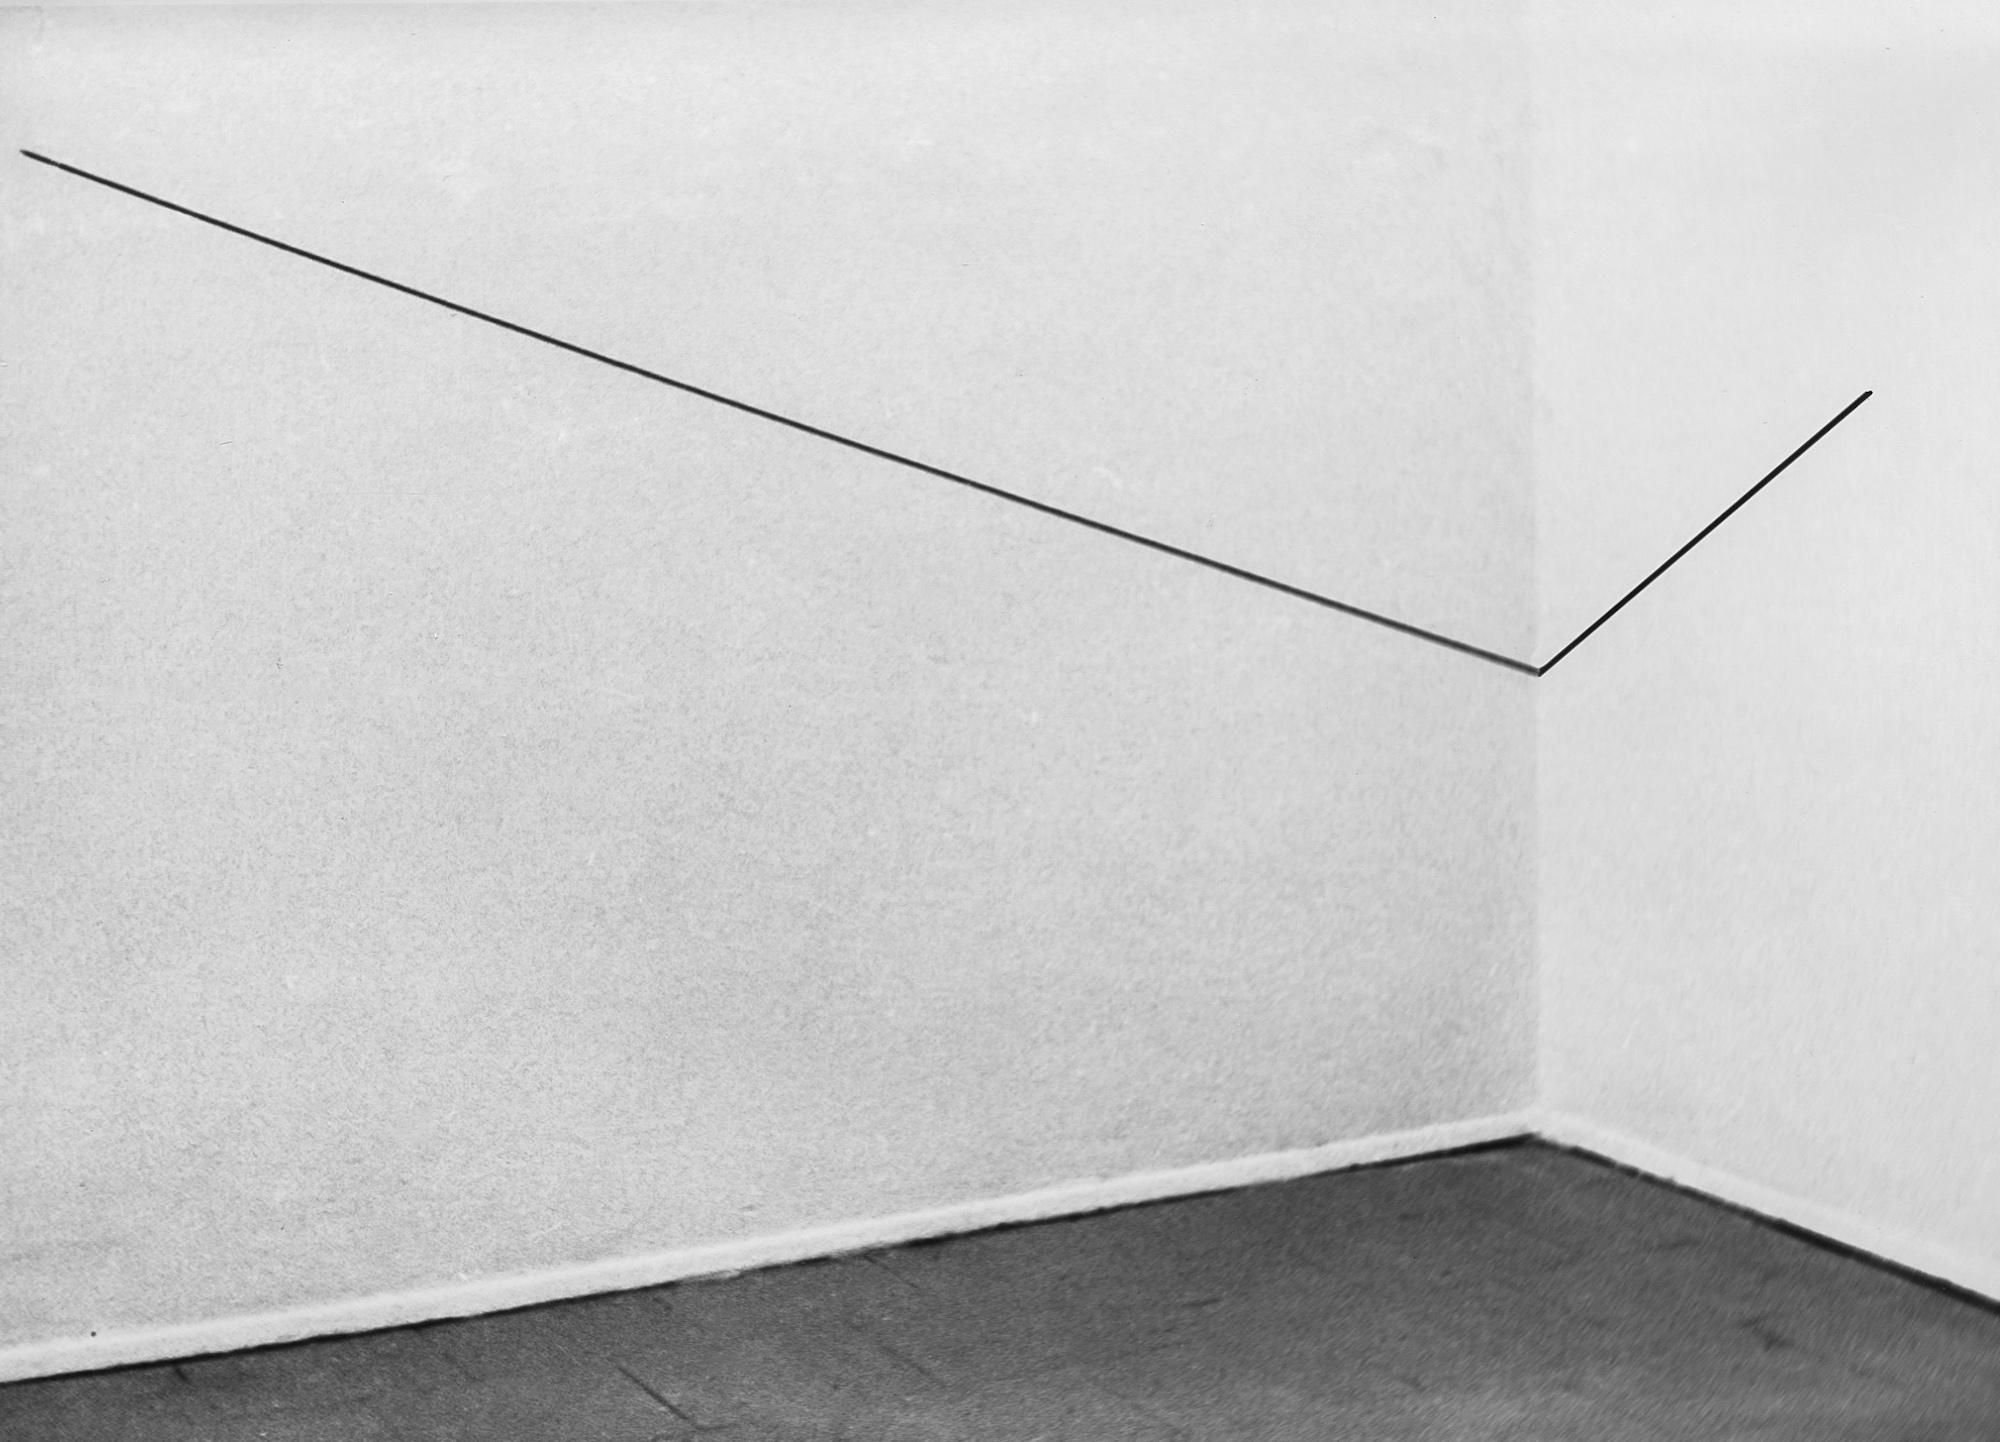 Krzysztof Wodiczko, Dwa rysunki czerwono-niebieskie itrzy czarne naścianach, suficie iwnarożnikach galerii, Galeria Akumulatory 2, Poznań